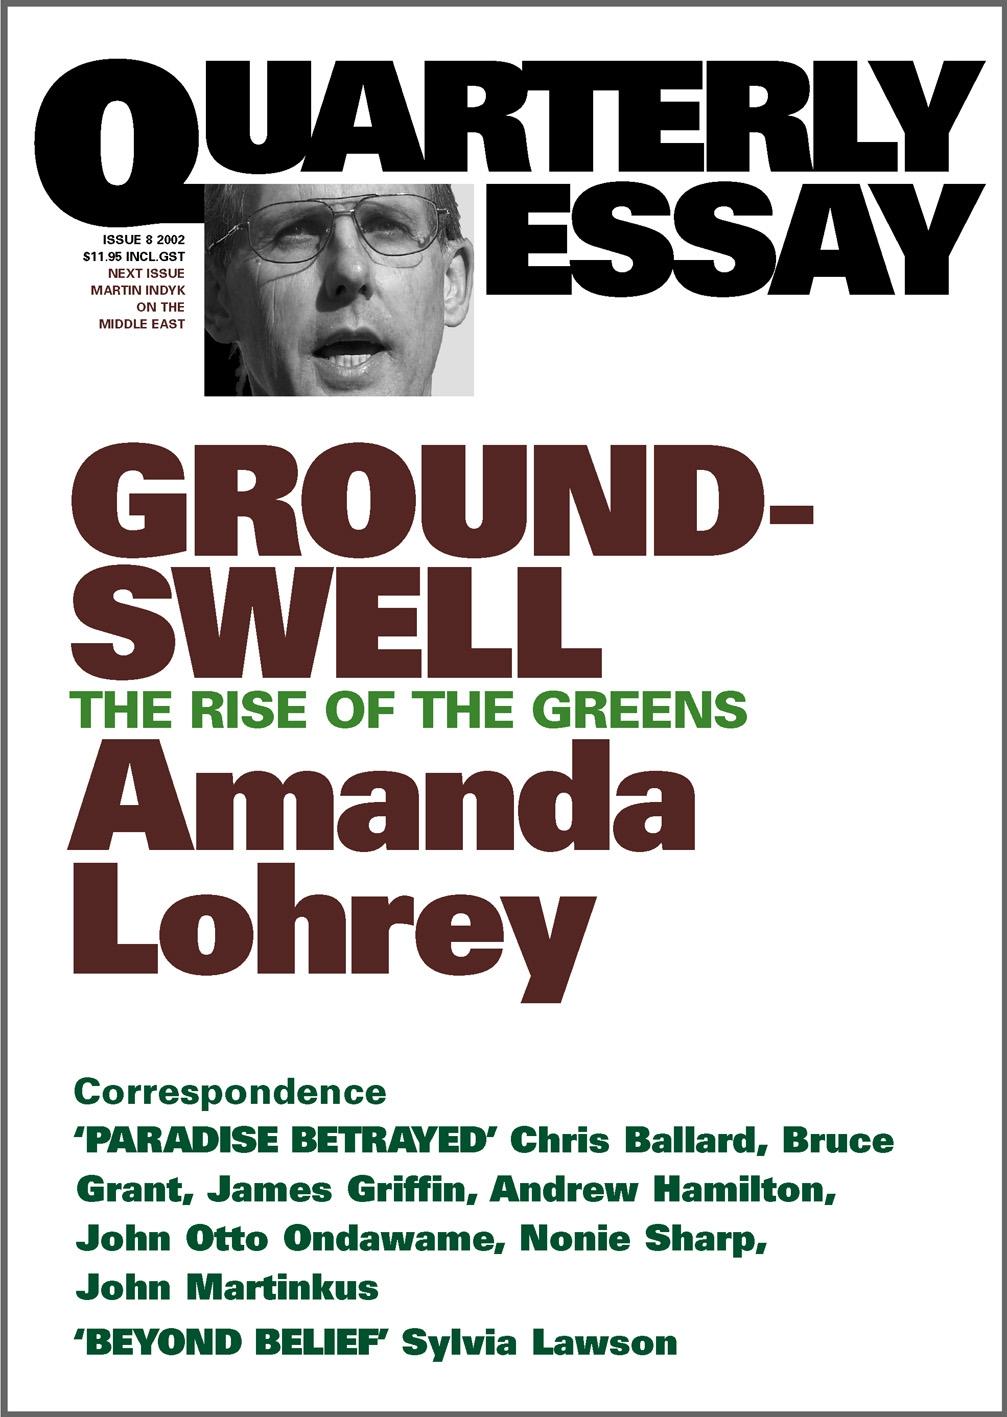 The quarterly essay